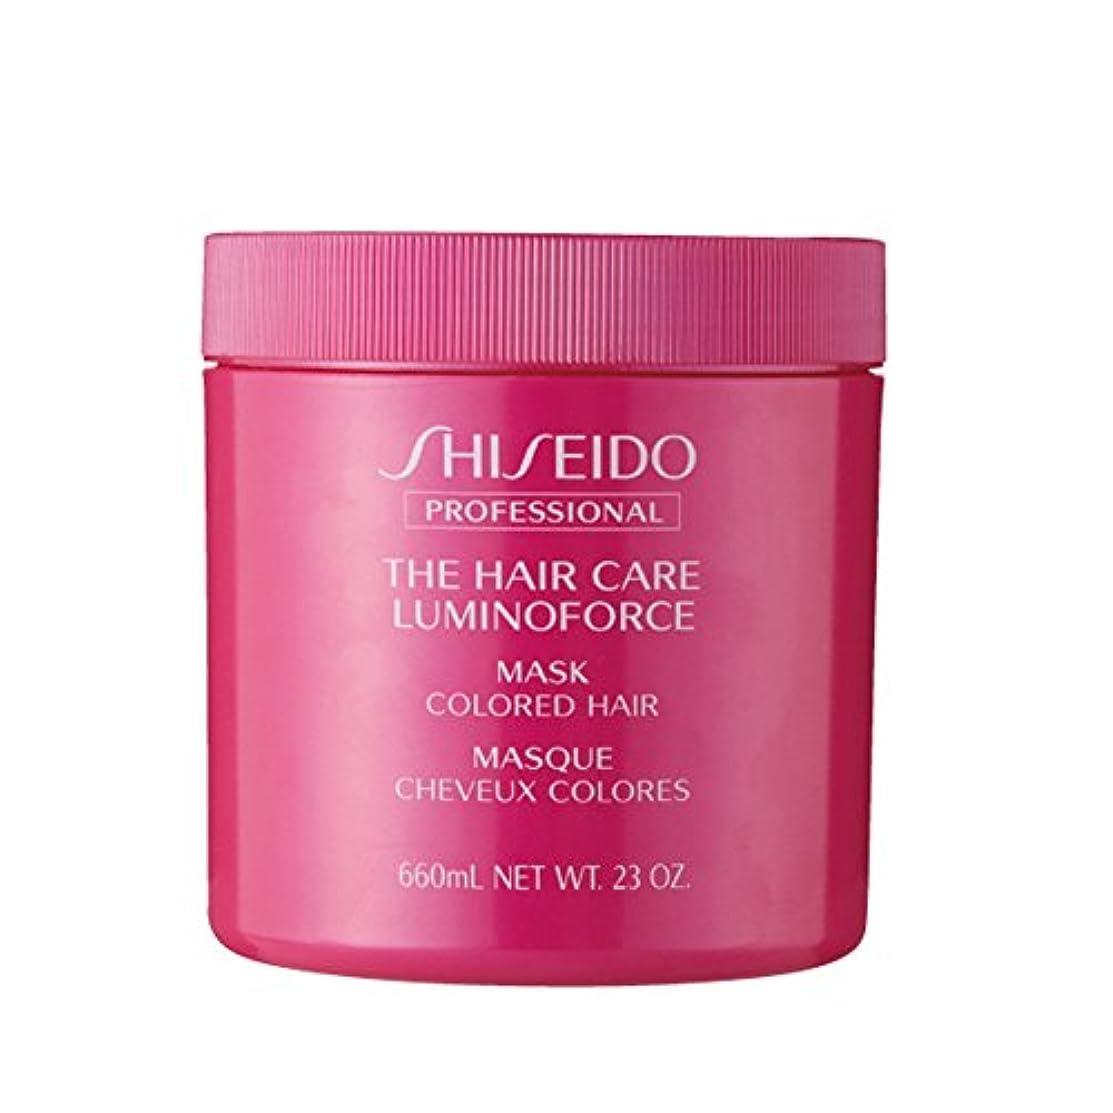 肥料ラフ睡眠差資生堂 THC ルミノフォースマスク 680g ×2個 セットヘアカラーを繰り返したごわついた髪を、芯からしなやかでつややかな髪へSHISEIDO LUMINOFORCE